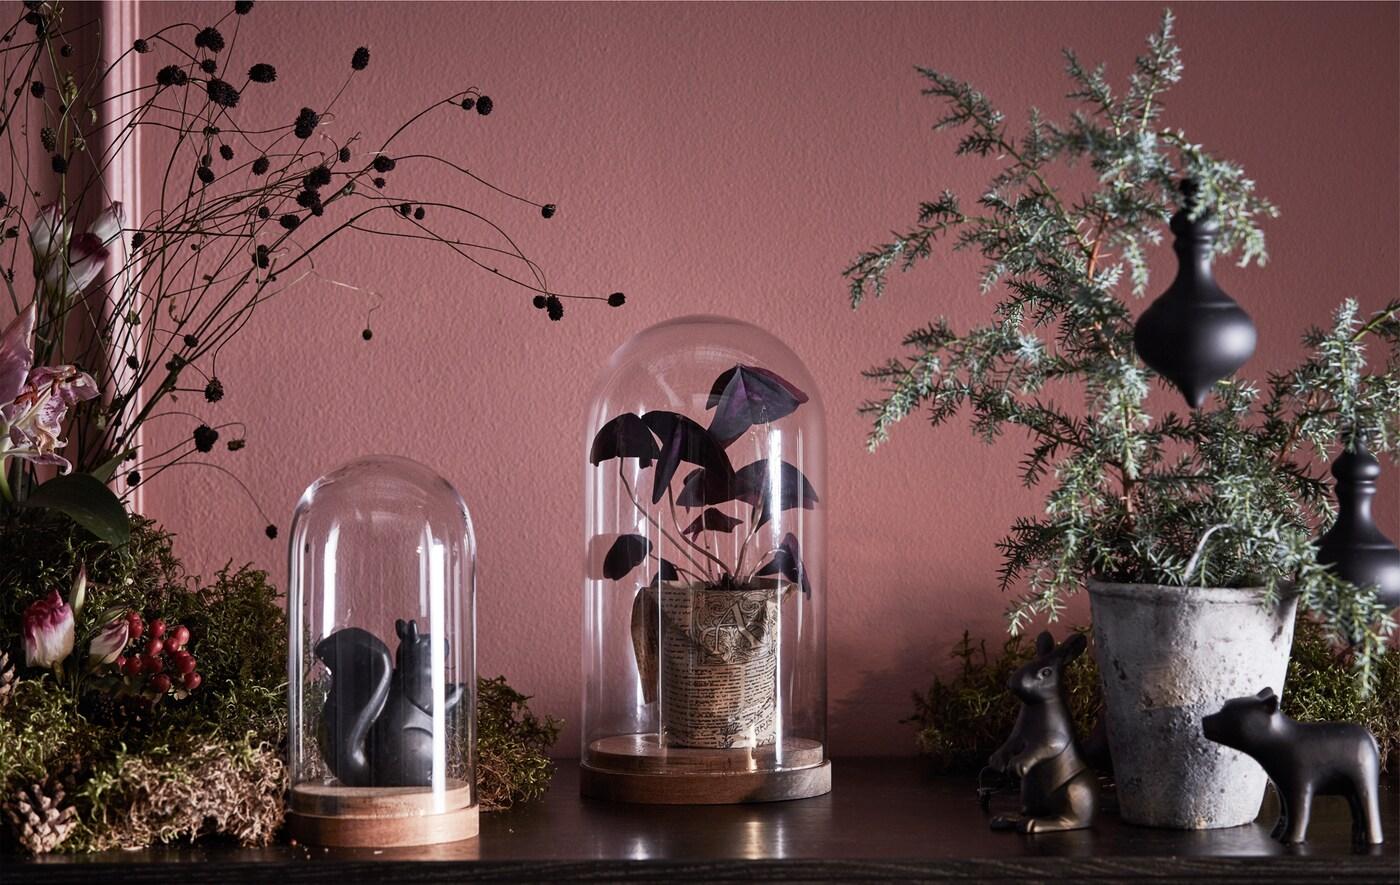 Dessus d'une vitrine décoré de verdure, de fleurs et de cloches en verre.